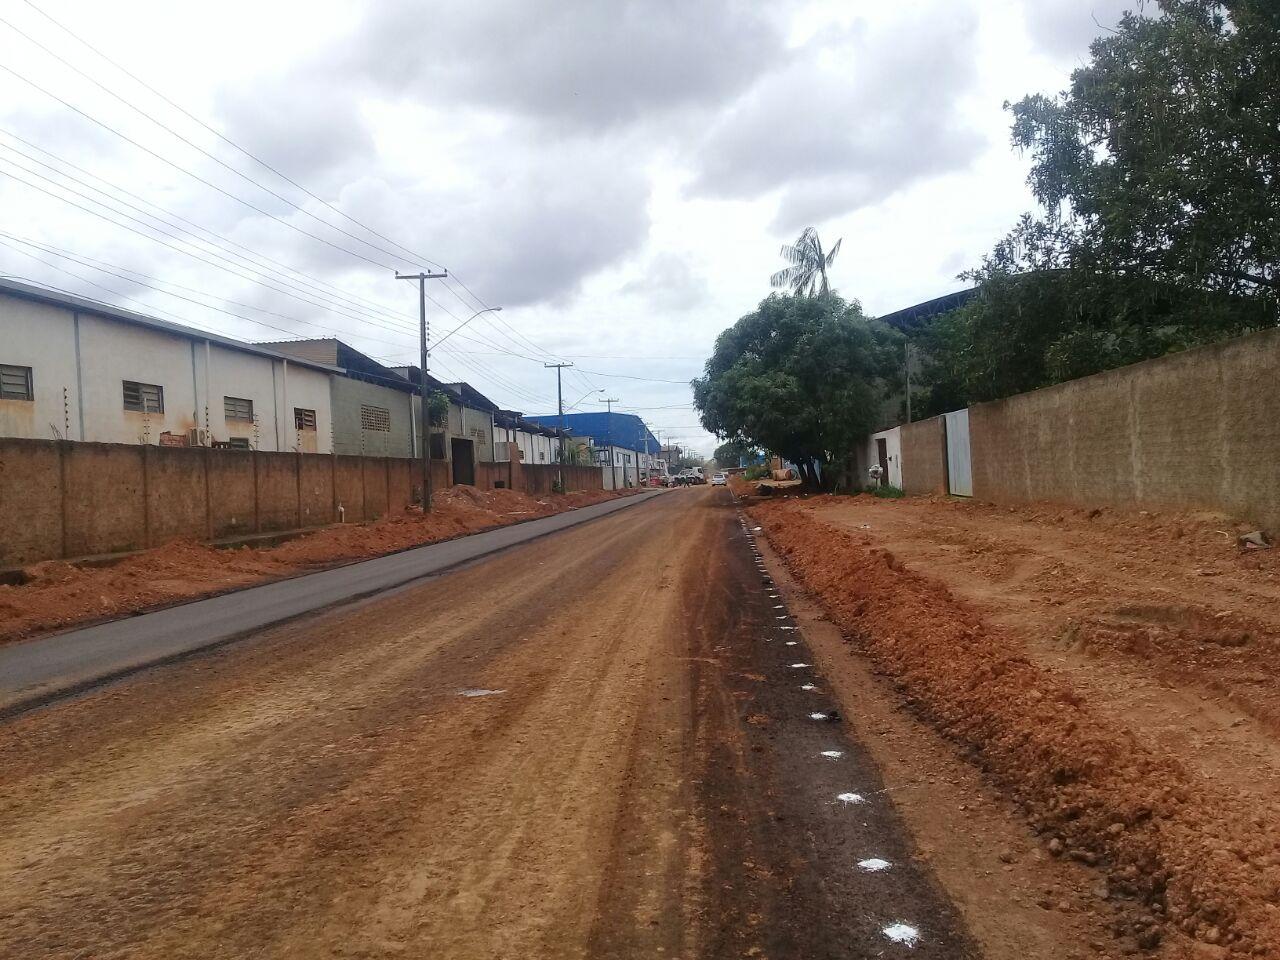 Vereadora Ada Dantas Boabaid tem pedido atendido de drenagem, asfalto para as Ruas Peroba e Pavini